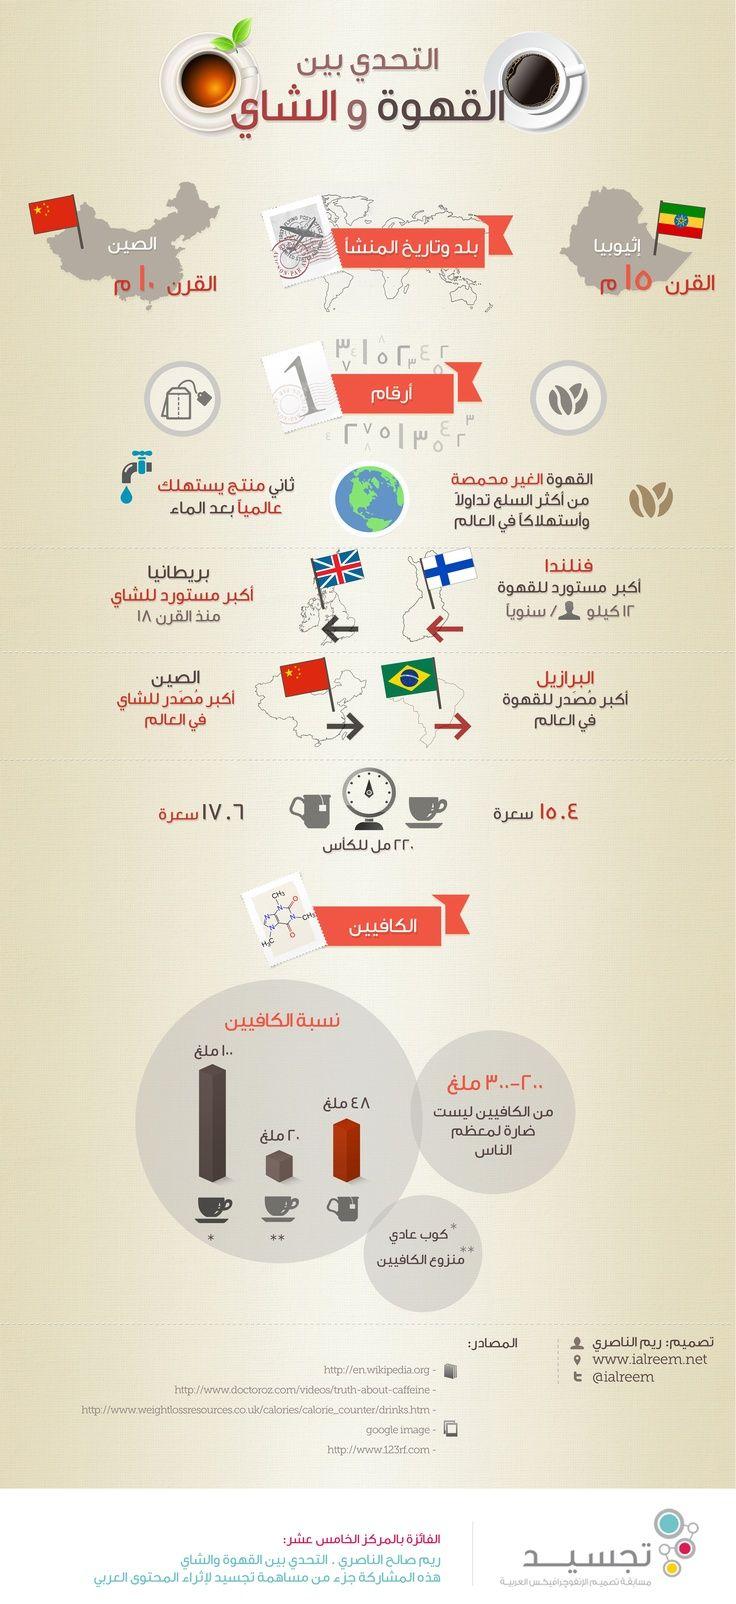 إنفوجرافيك عربي التحدي بين القهوة والشاي Intellegence Positive Notes Words